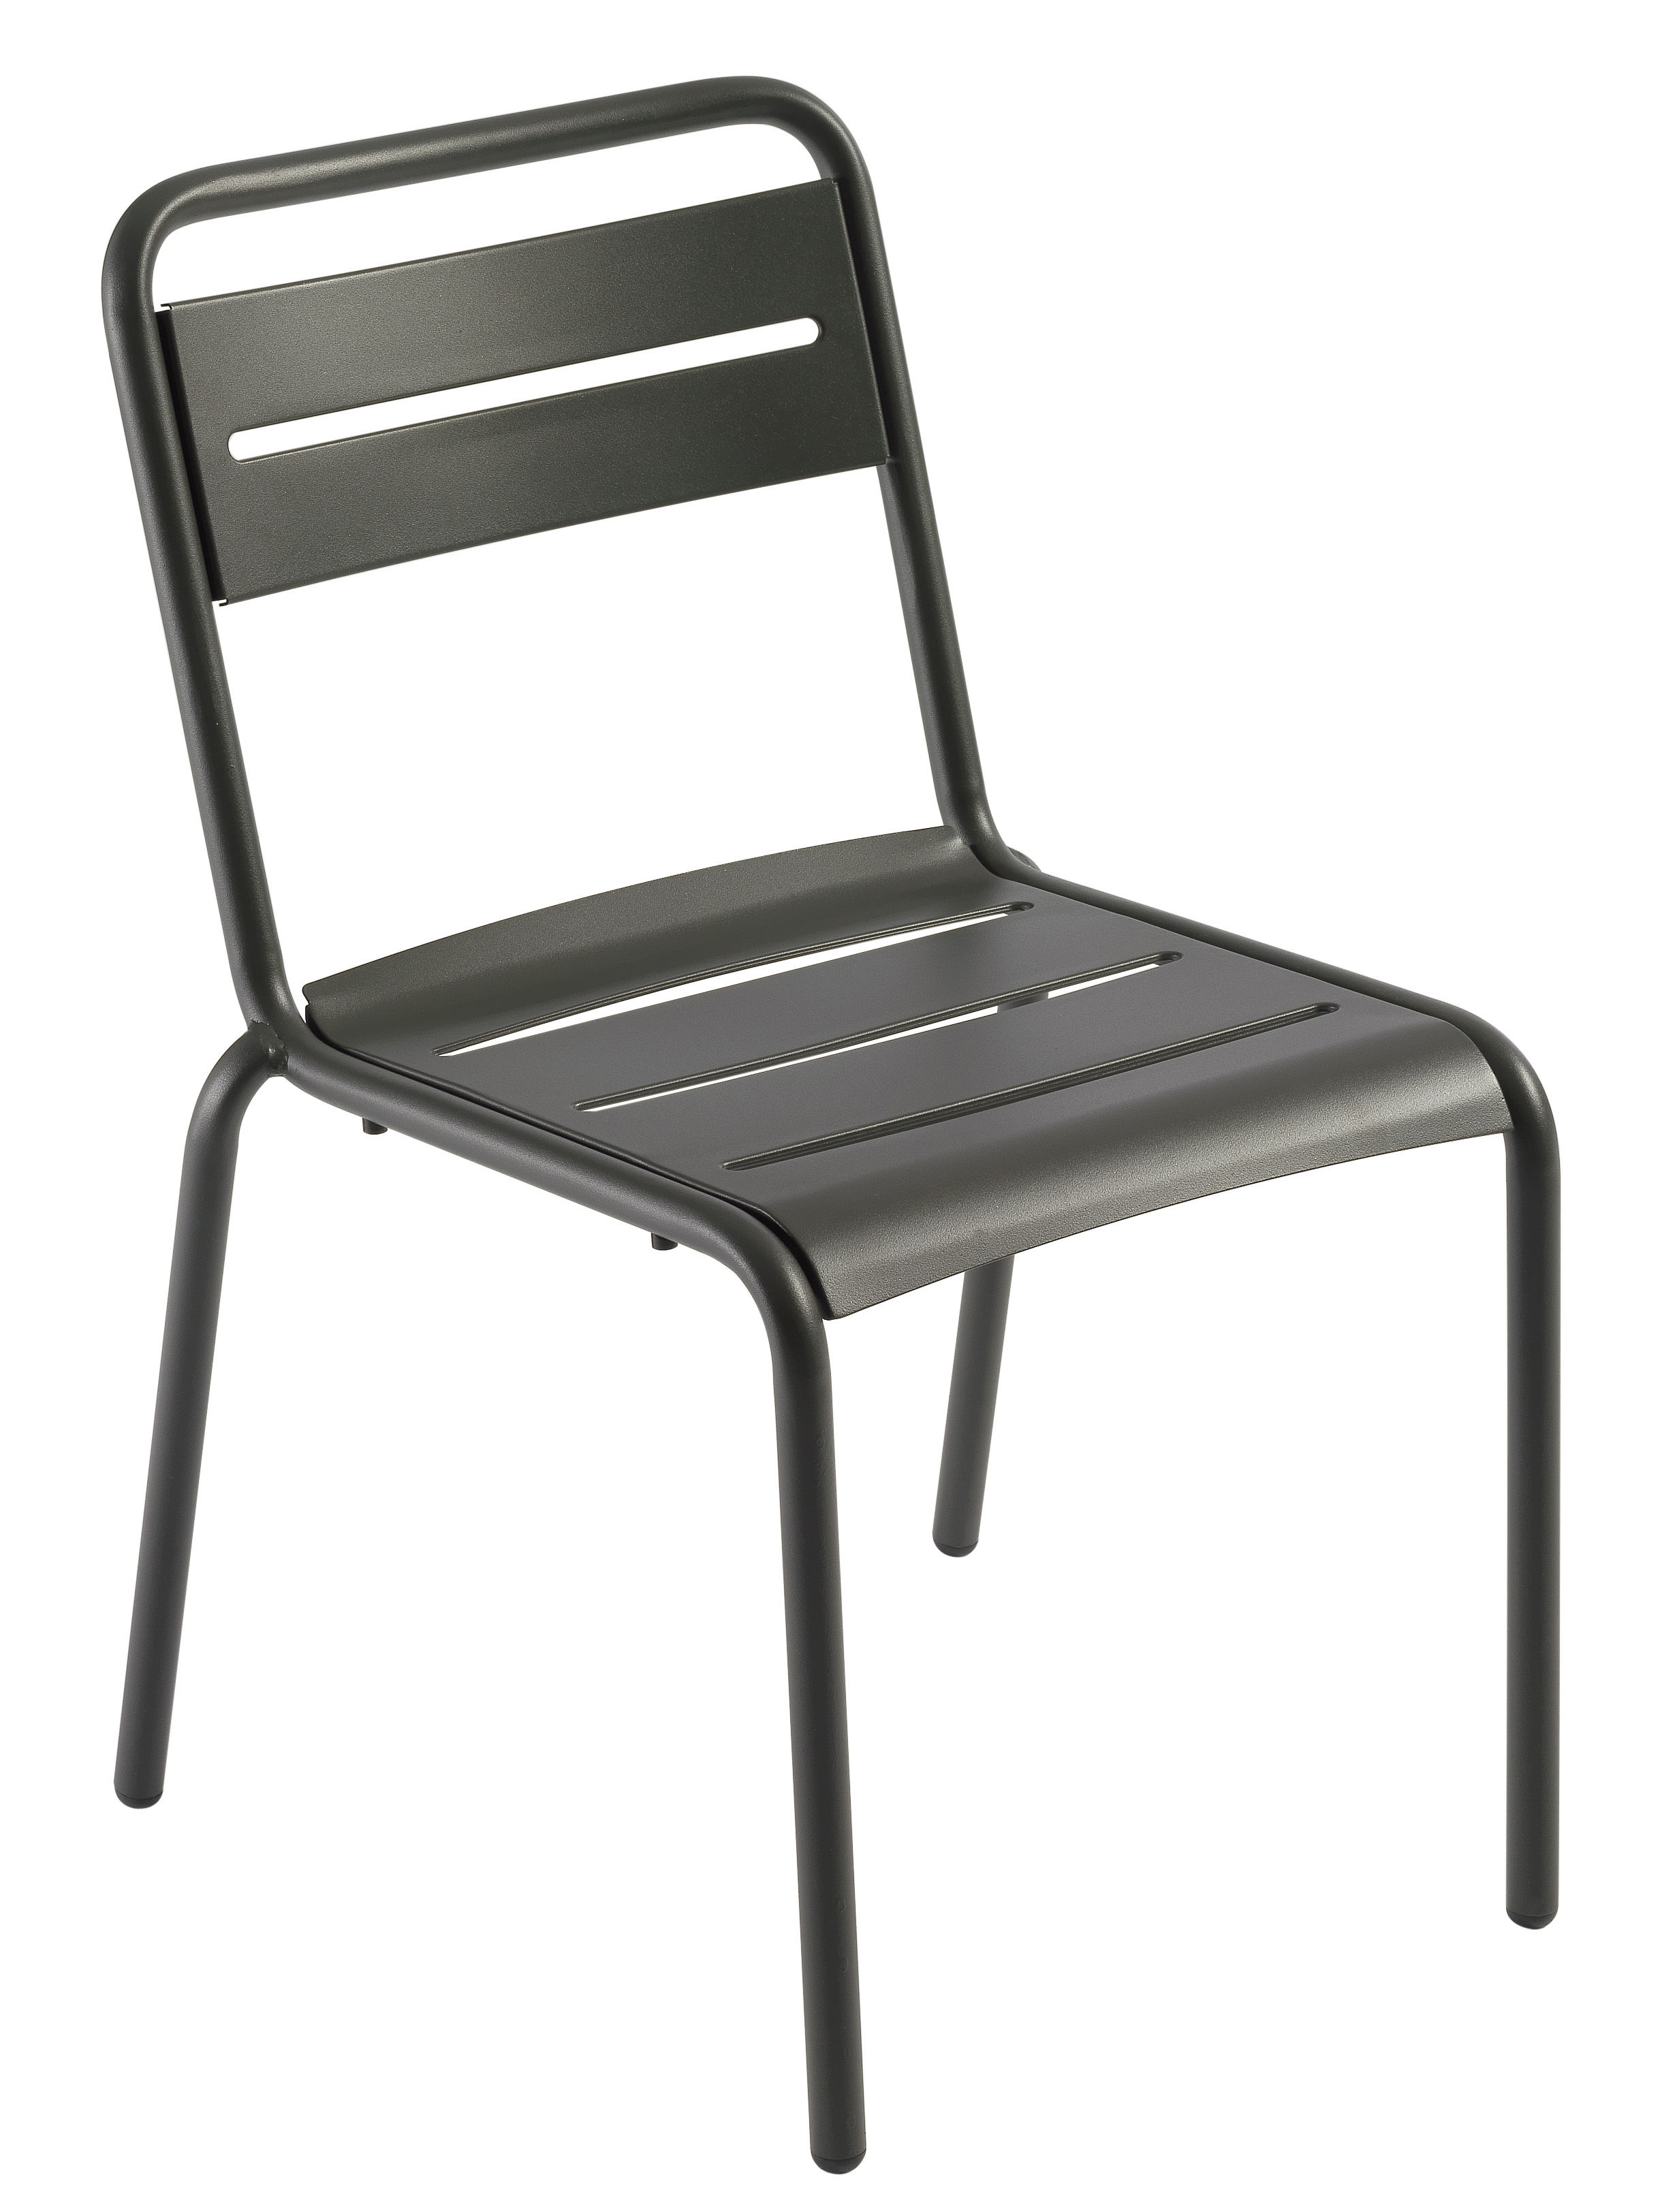 Star stapelbarer stuhl metall dunkles eisen matt by for Design stuhl metall